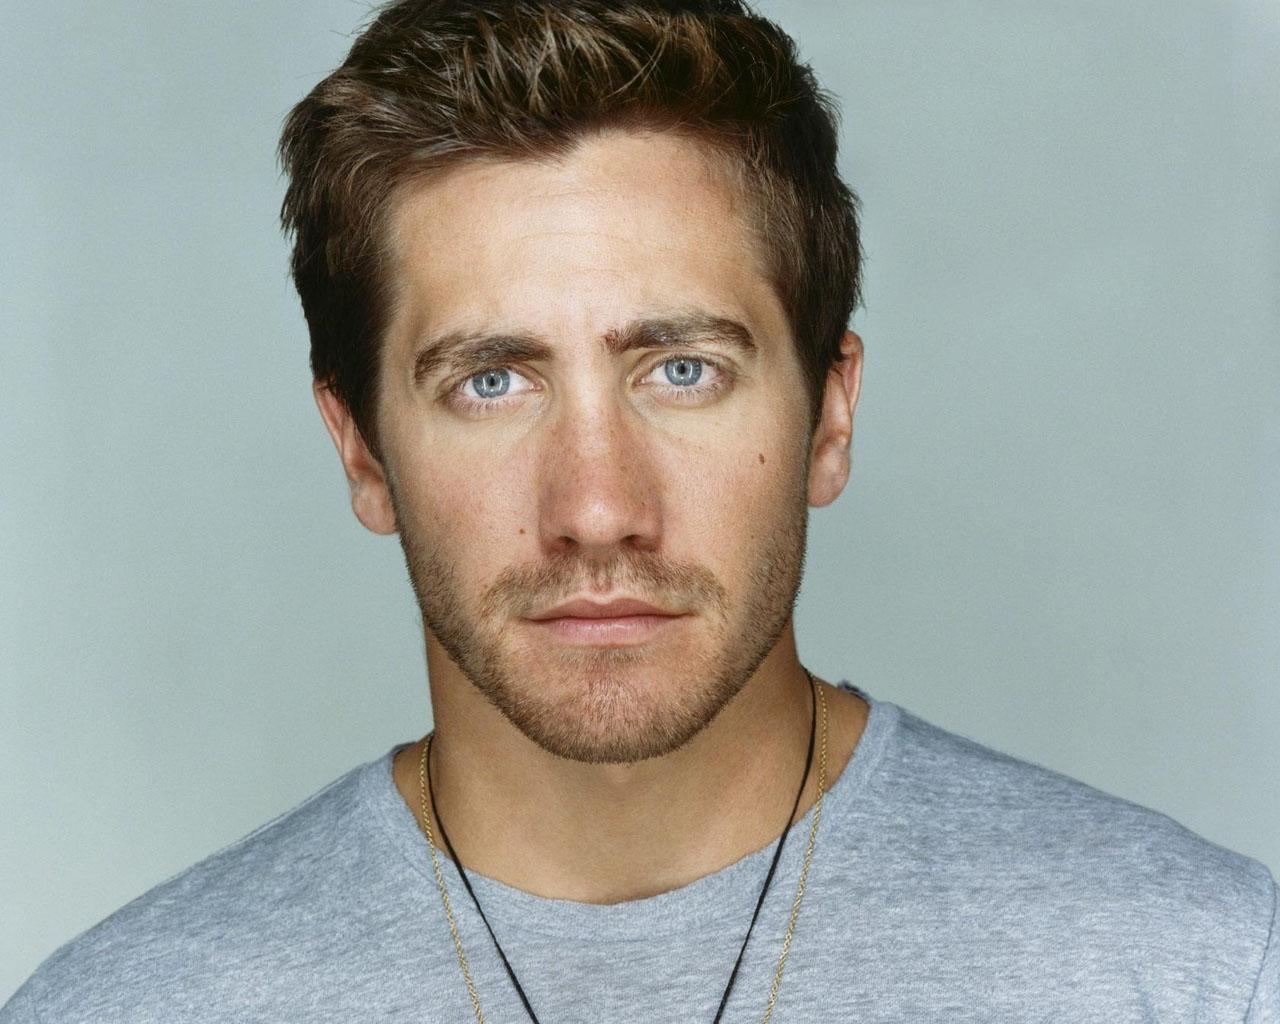 http://3.bp.blogspot.com/-WIK7-mPq5g8/UGNXBx3JwhI/AAAAAAAAA9I/hO0Hy3giCm4/s1600/Jake-Gyllenhaal-3.jpg